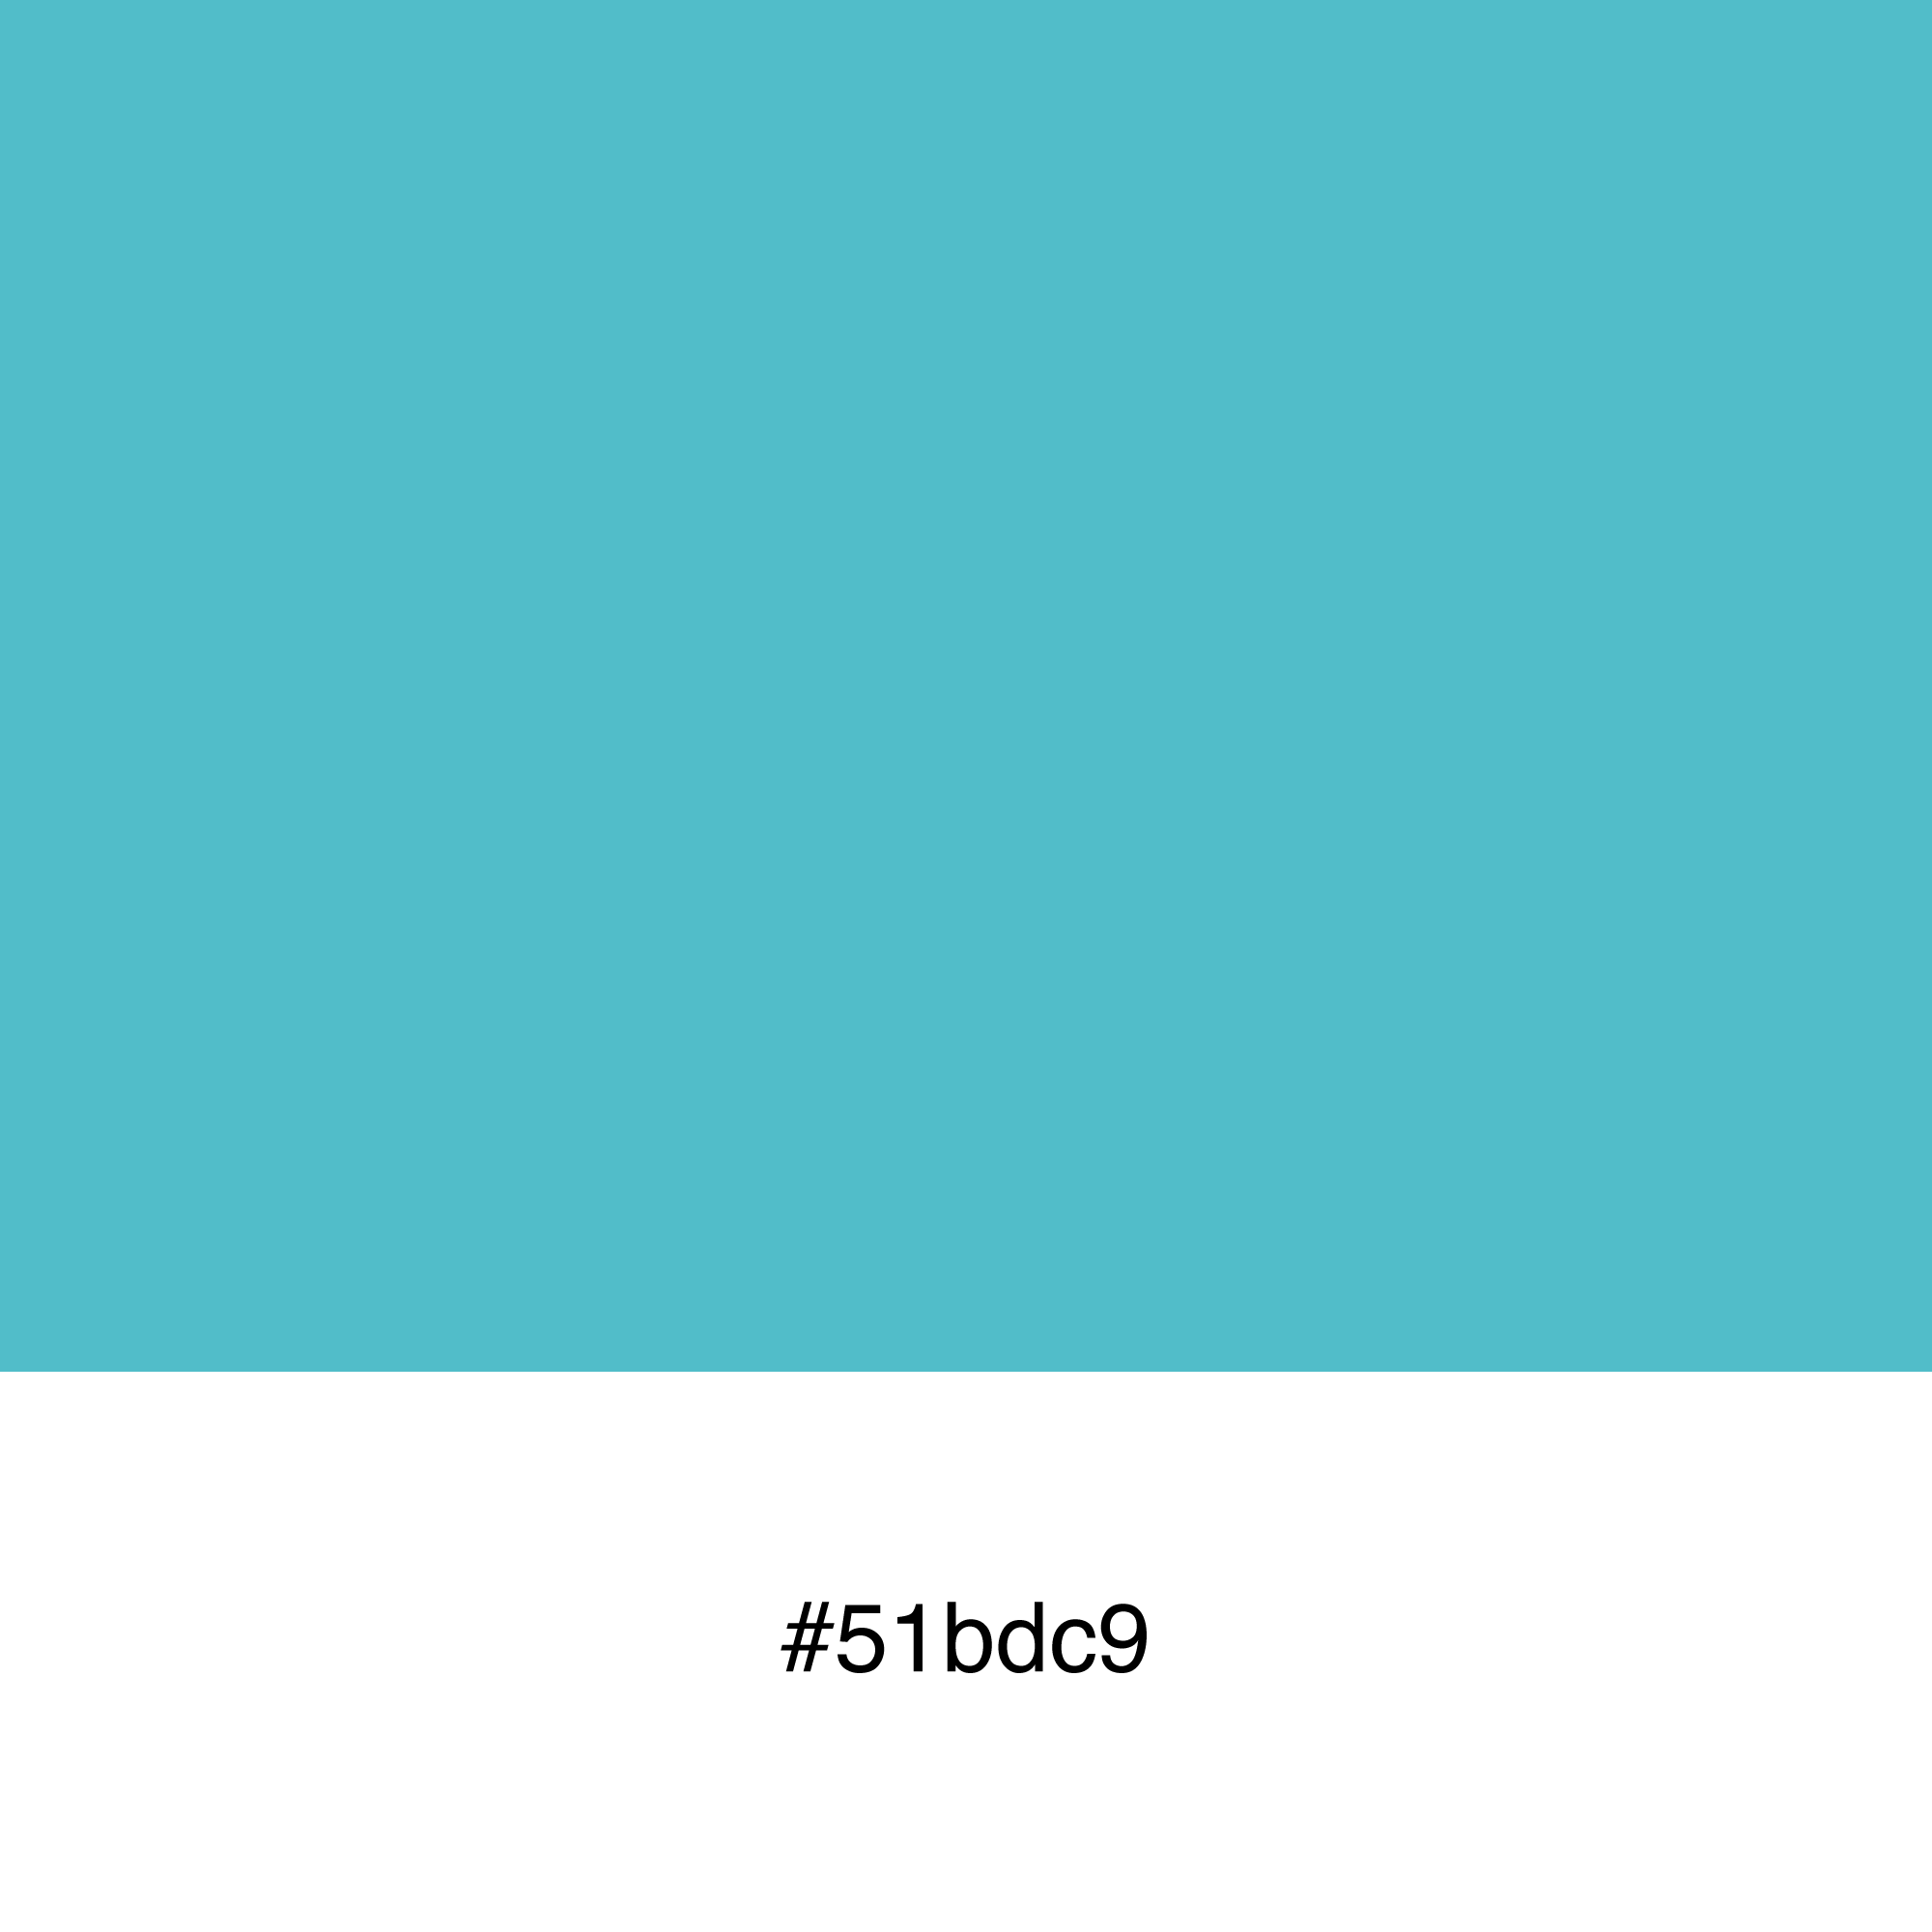 color-swatch-51bdc9